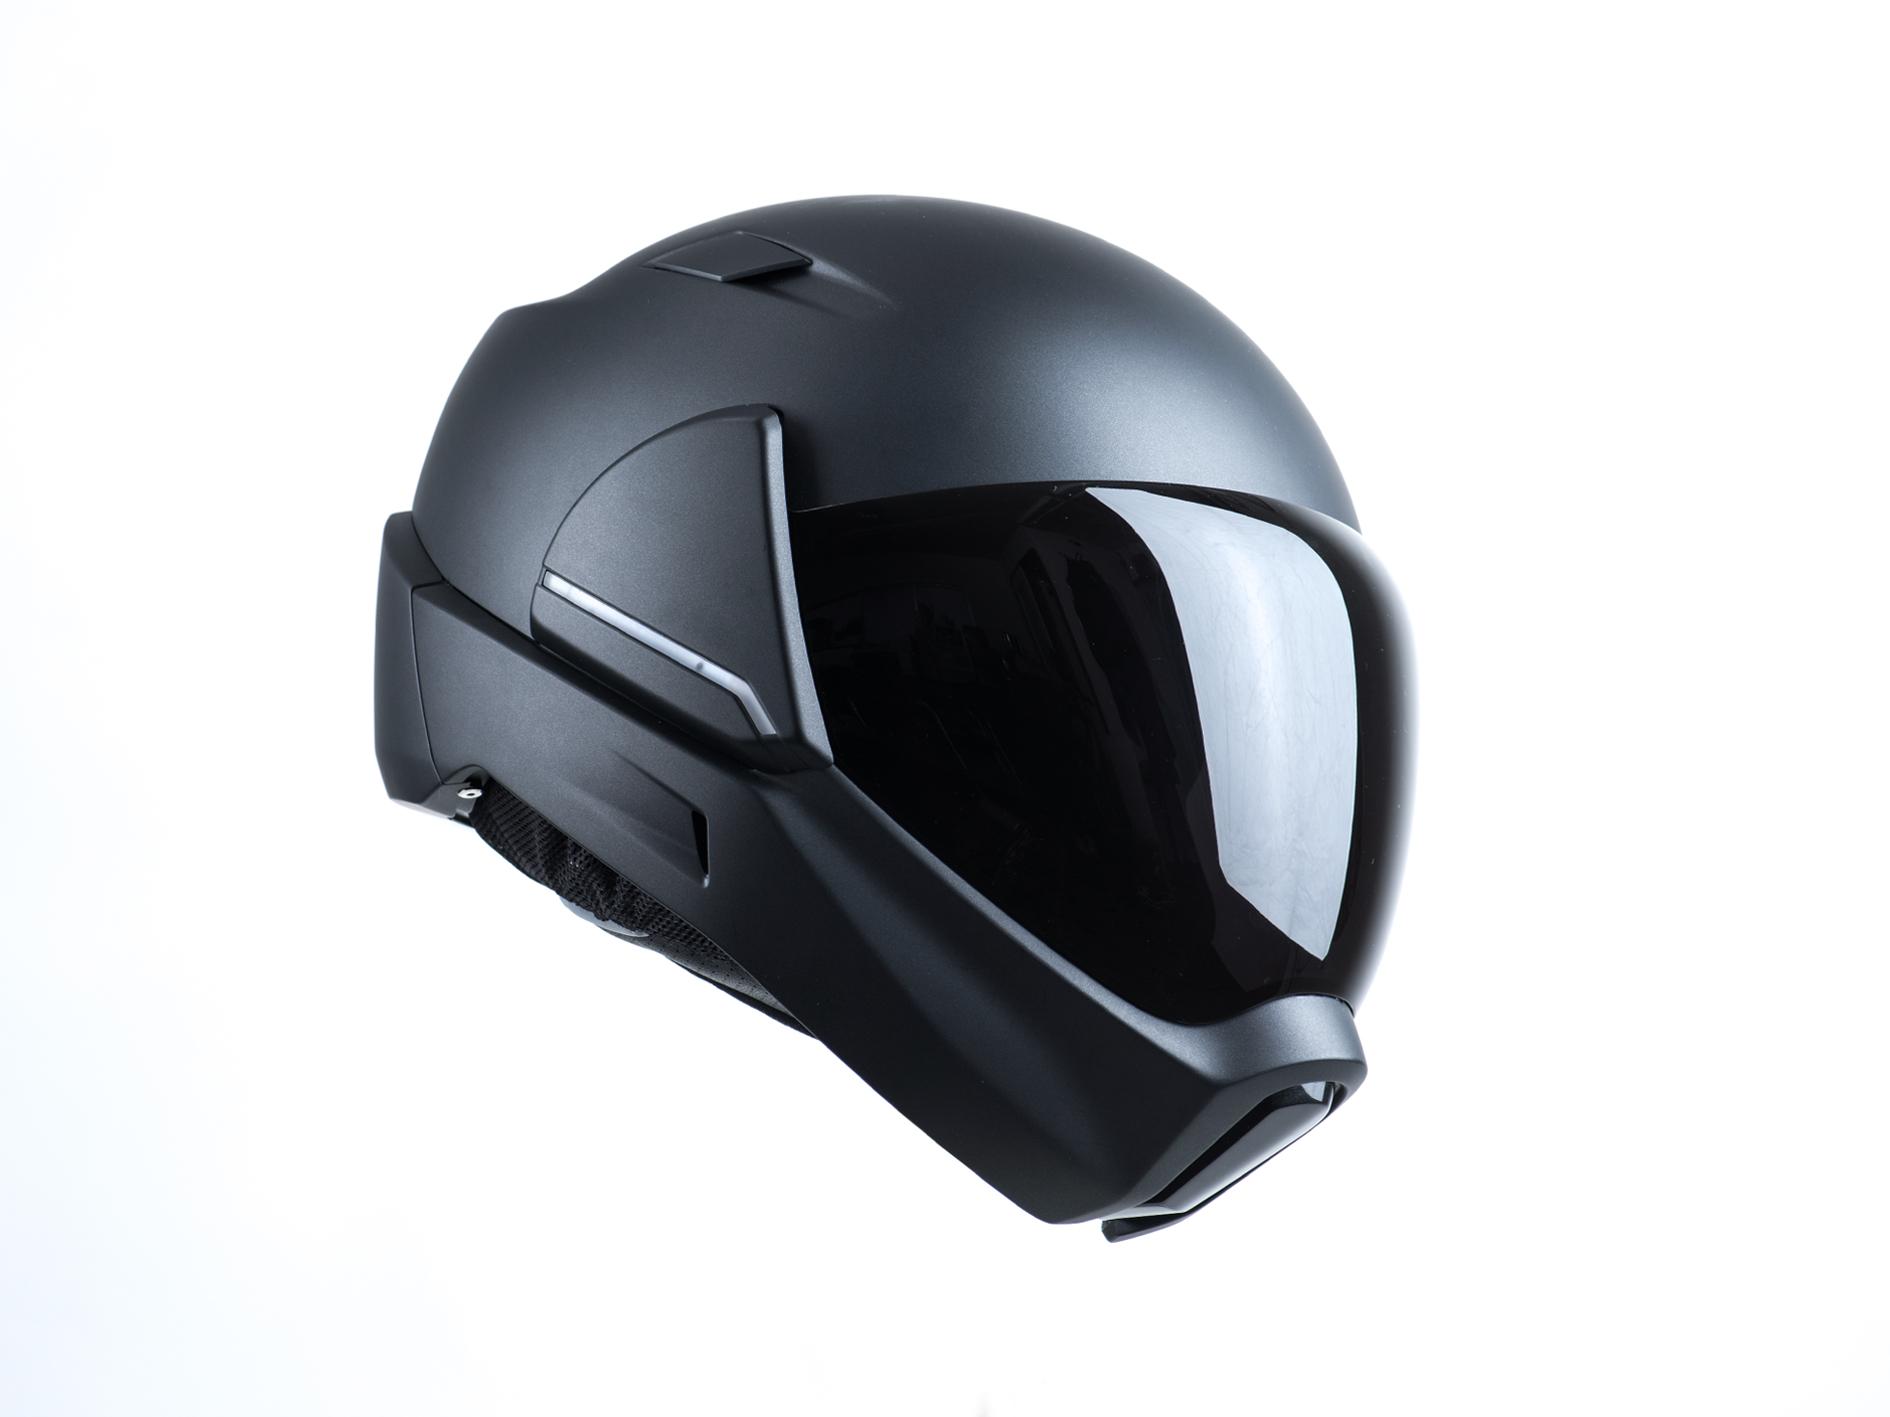 信頼を置ける試作会社 ~プロダクトデザイン、ヘルメット設計開発 Bordless様